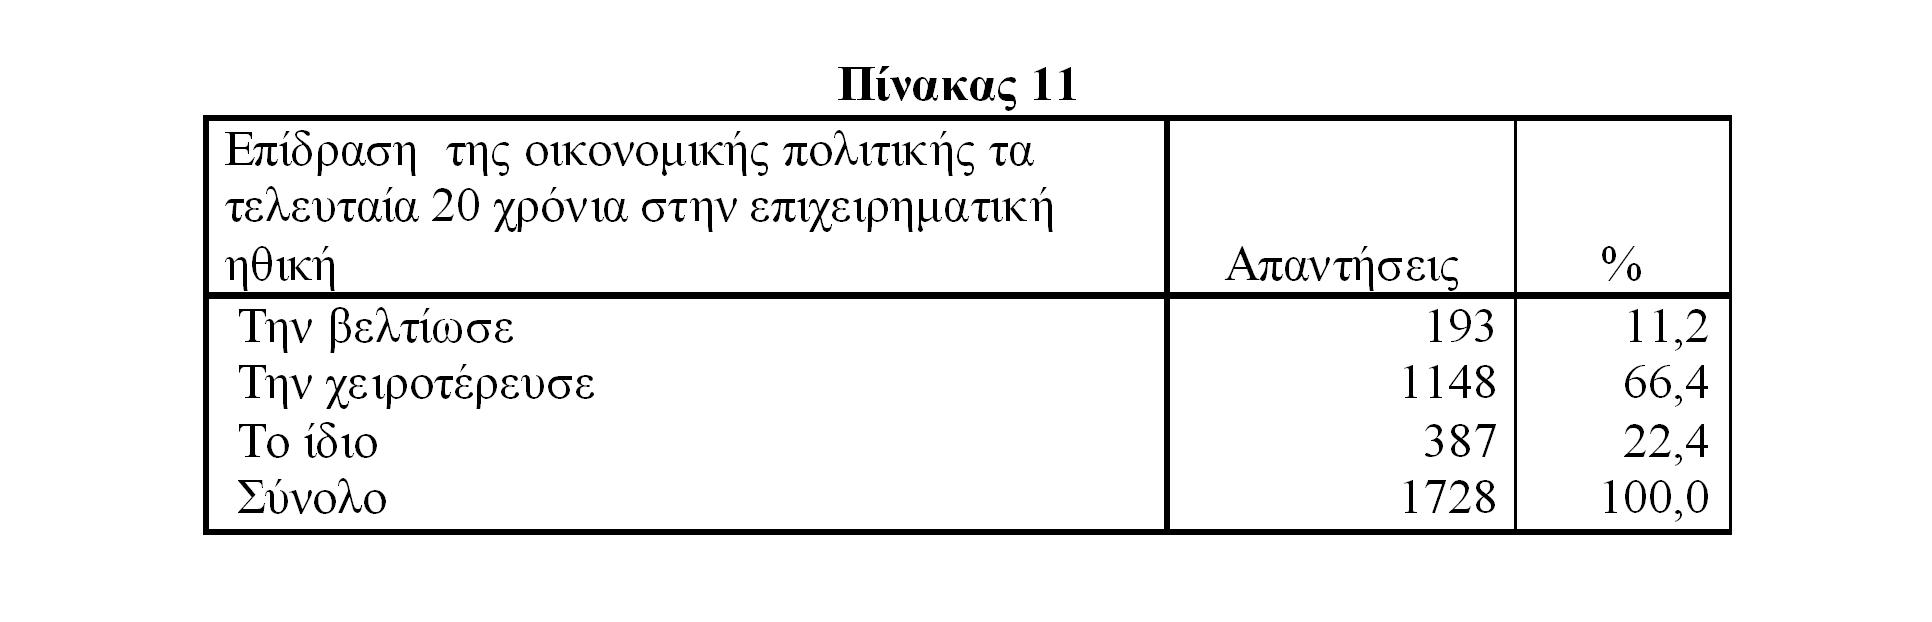 Πίνακας 11